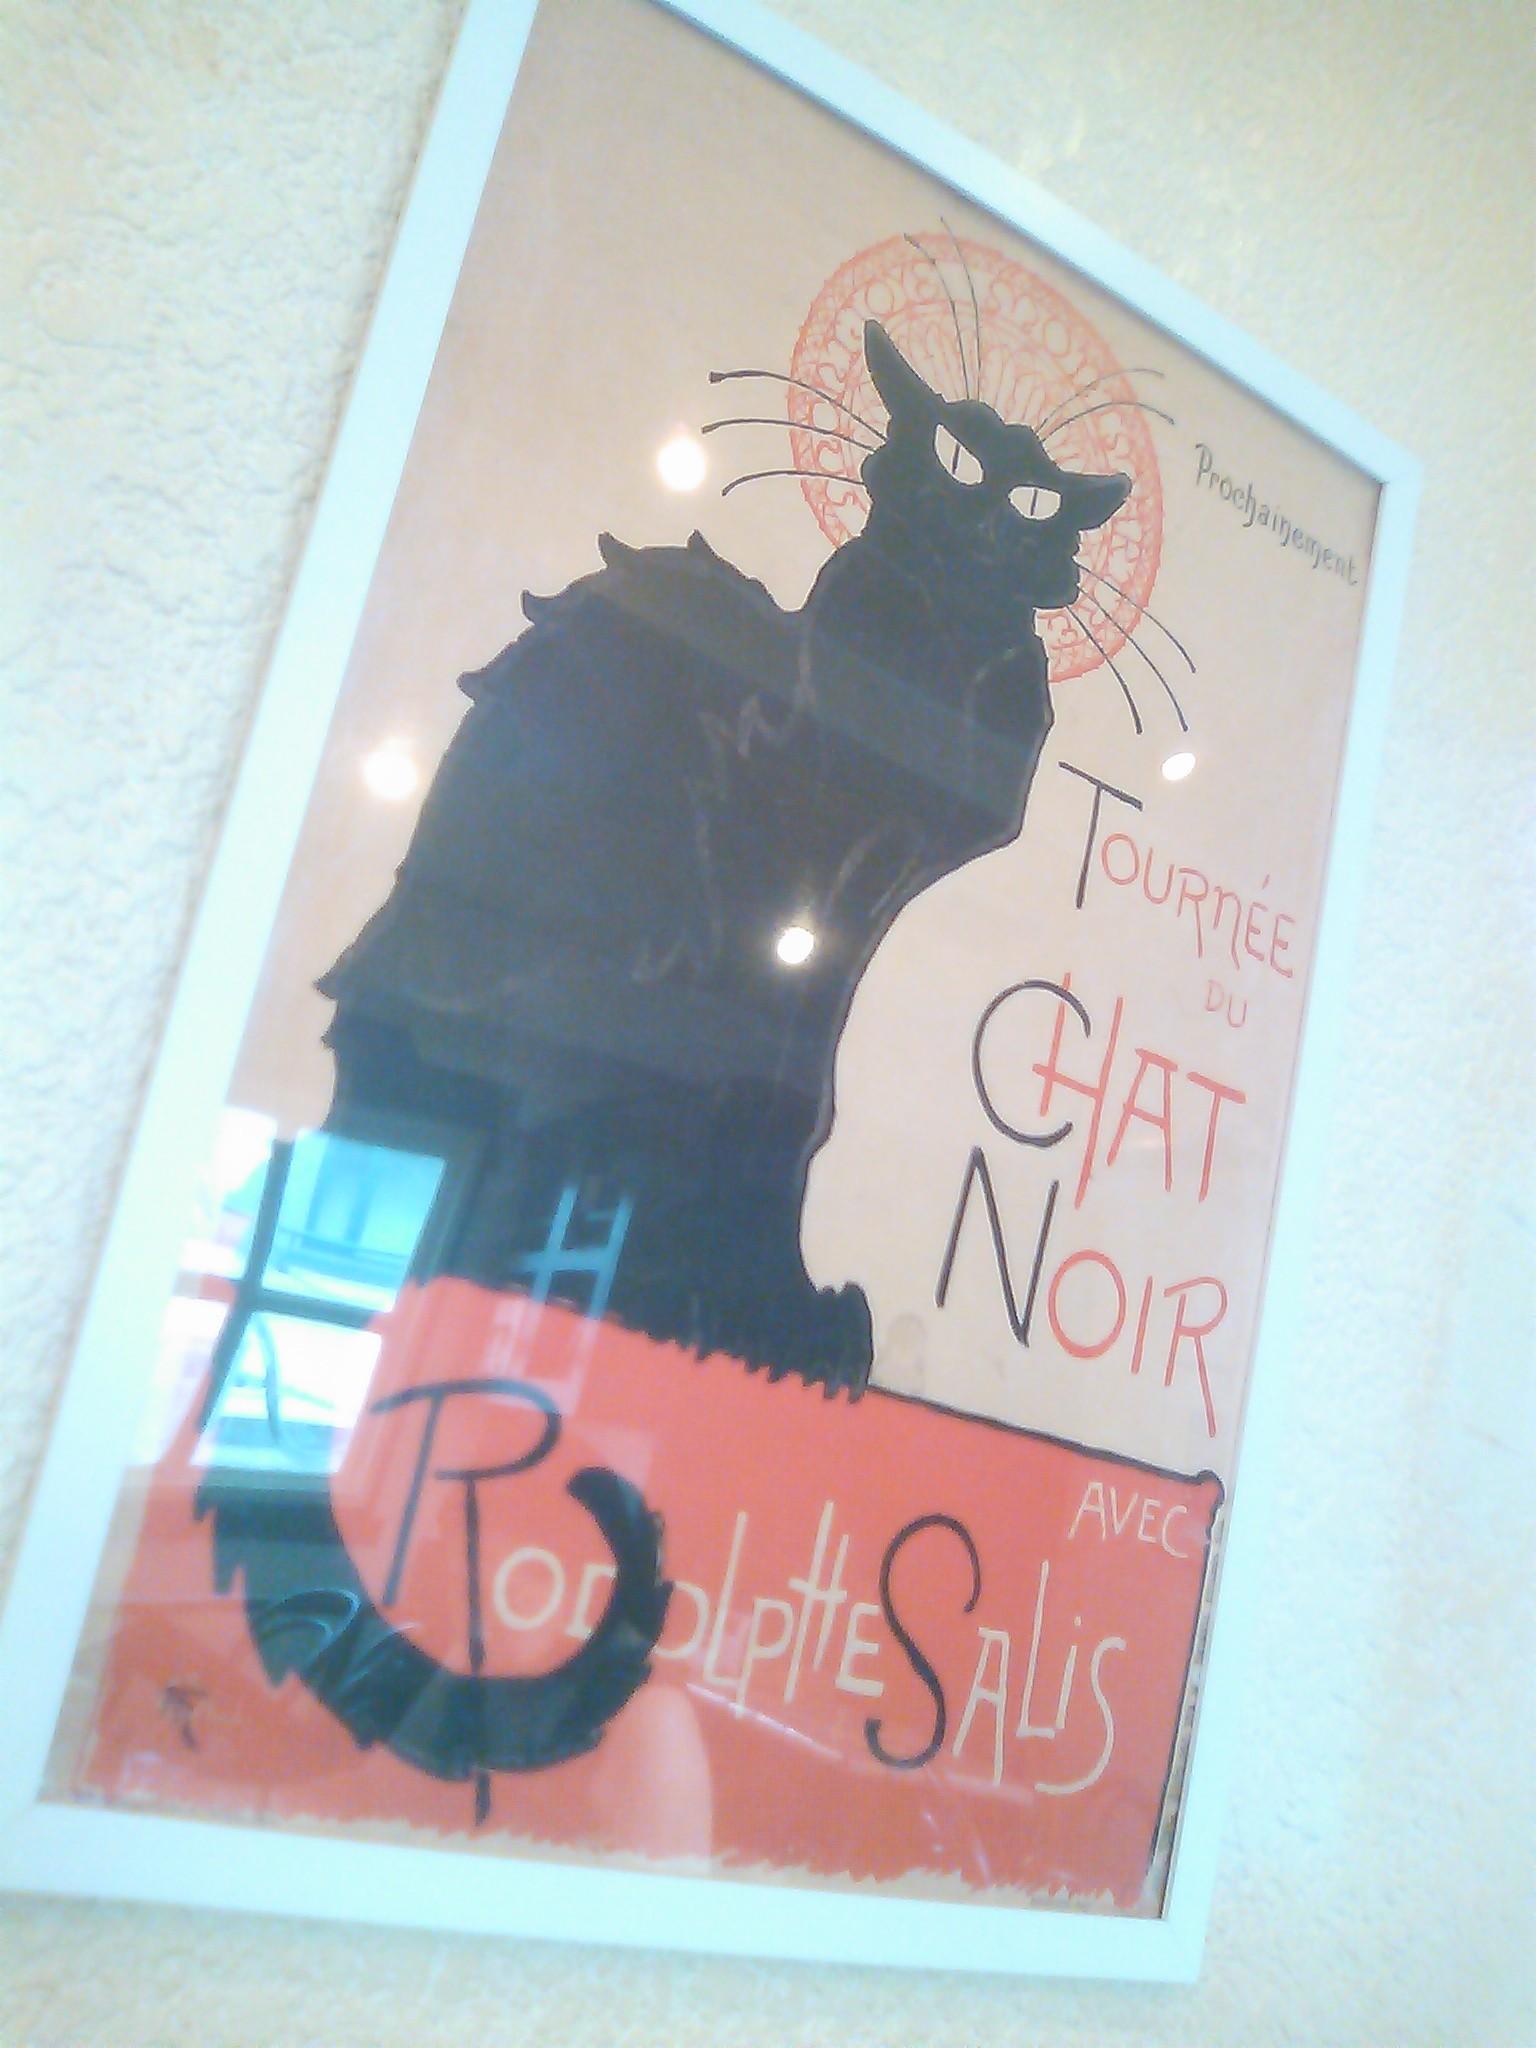 Steinlen, La tournée du Chat Noir avec Rodolphe Salis